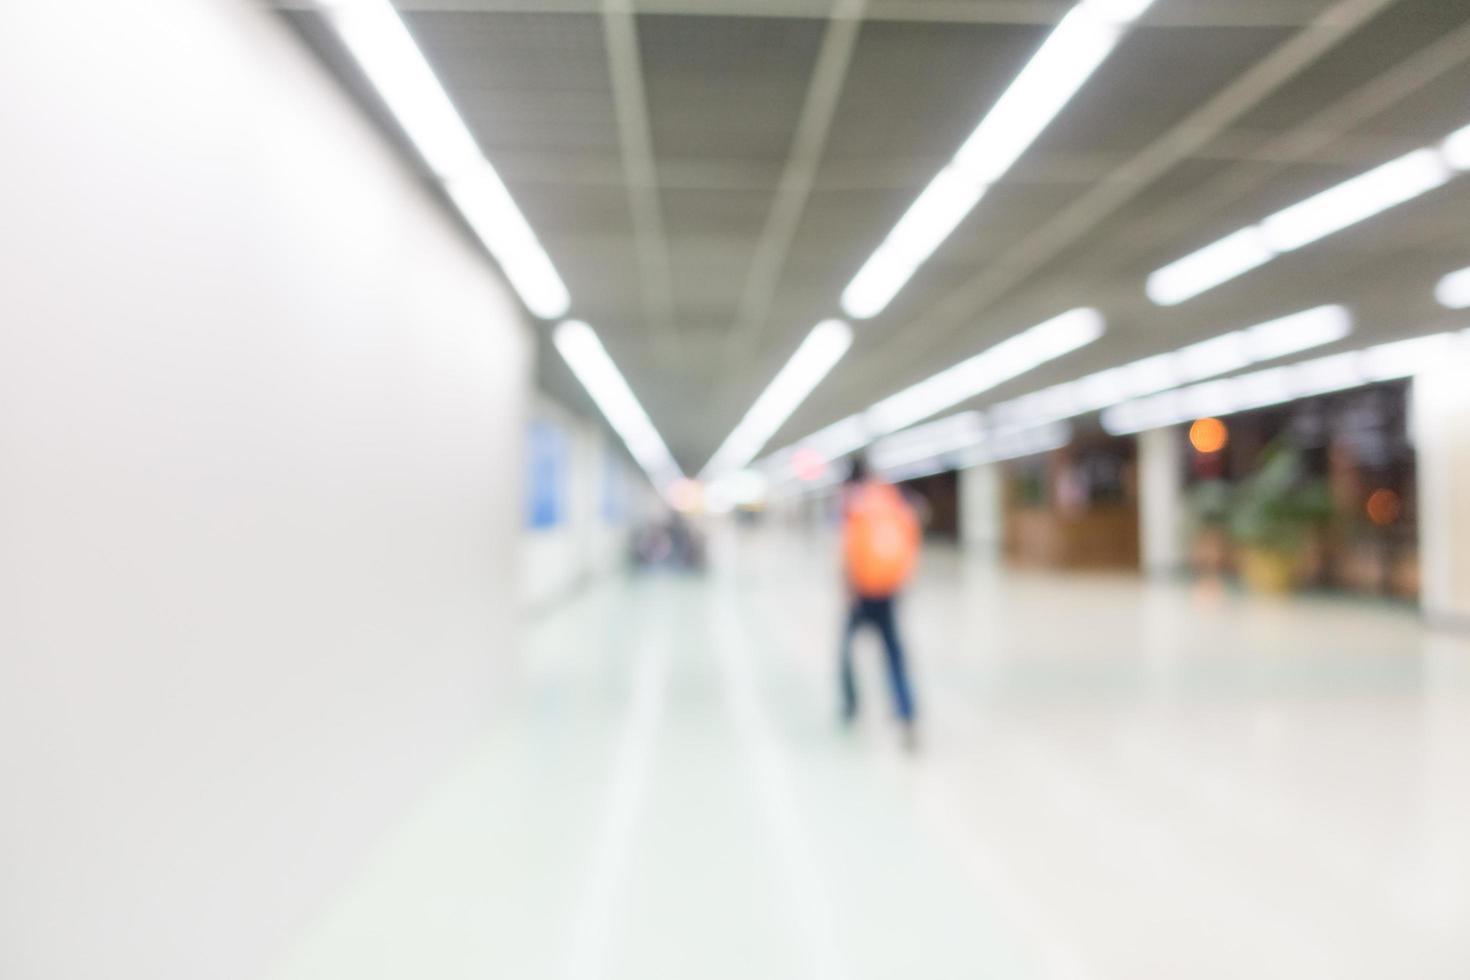 abstrakter unscharfer Flughafenhintergrund foto